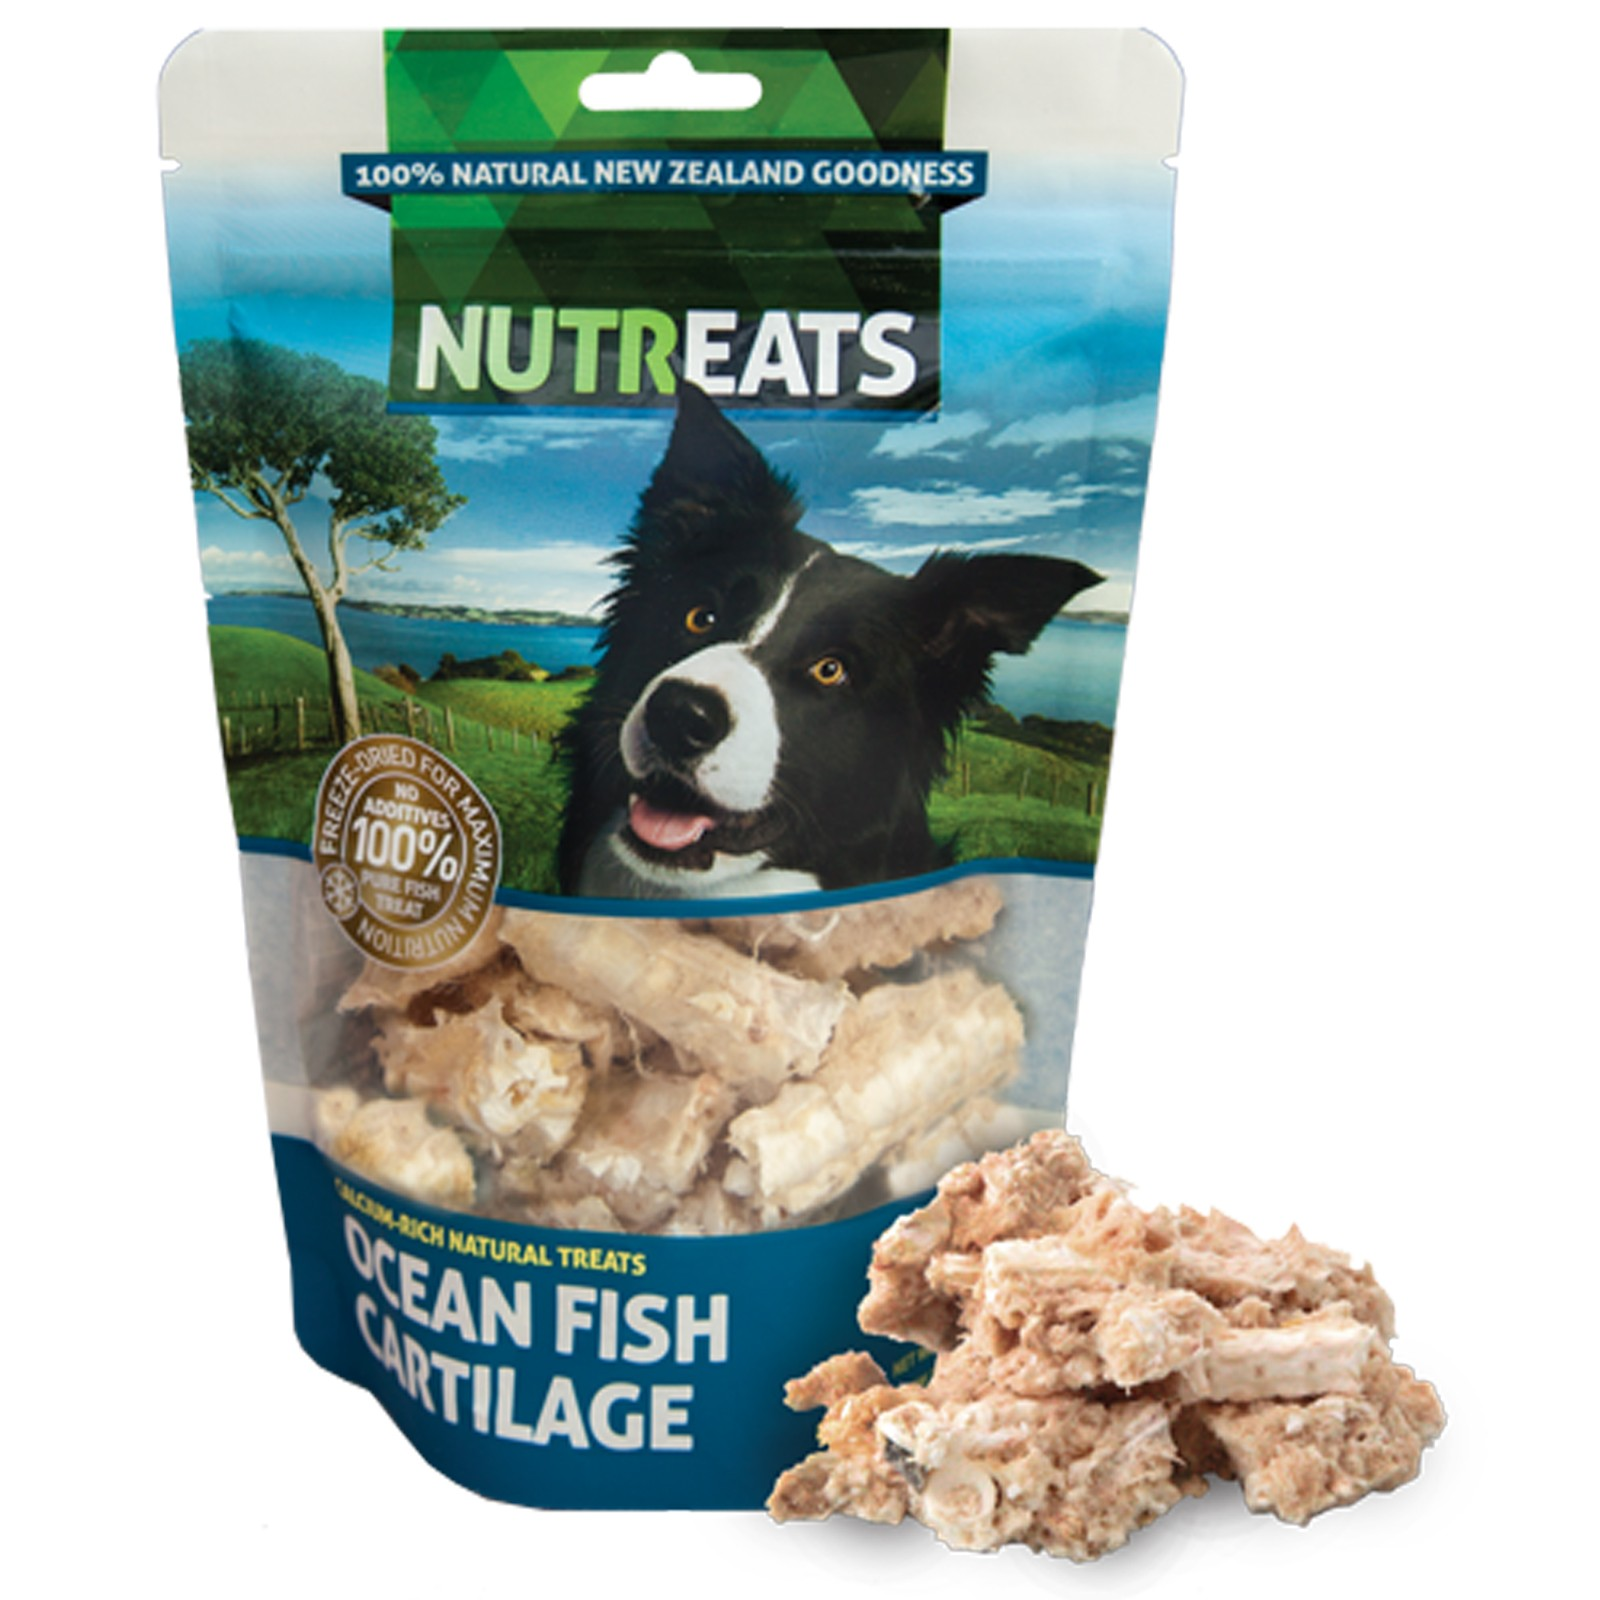 Nutreats 100% Natural Dog Treats Fish Cartilage 50gm